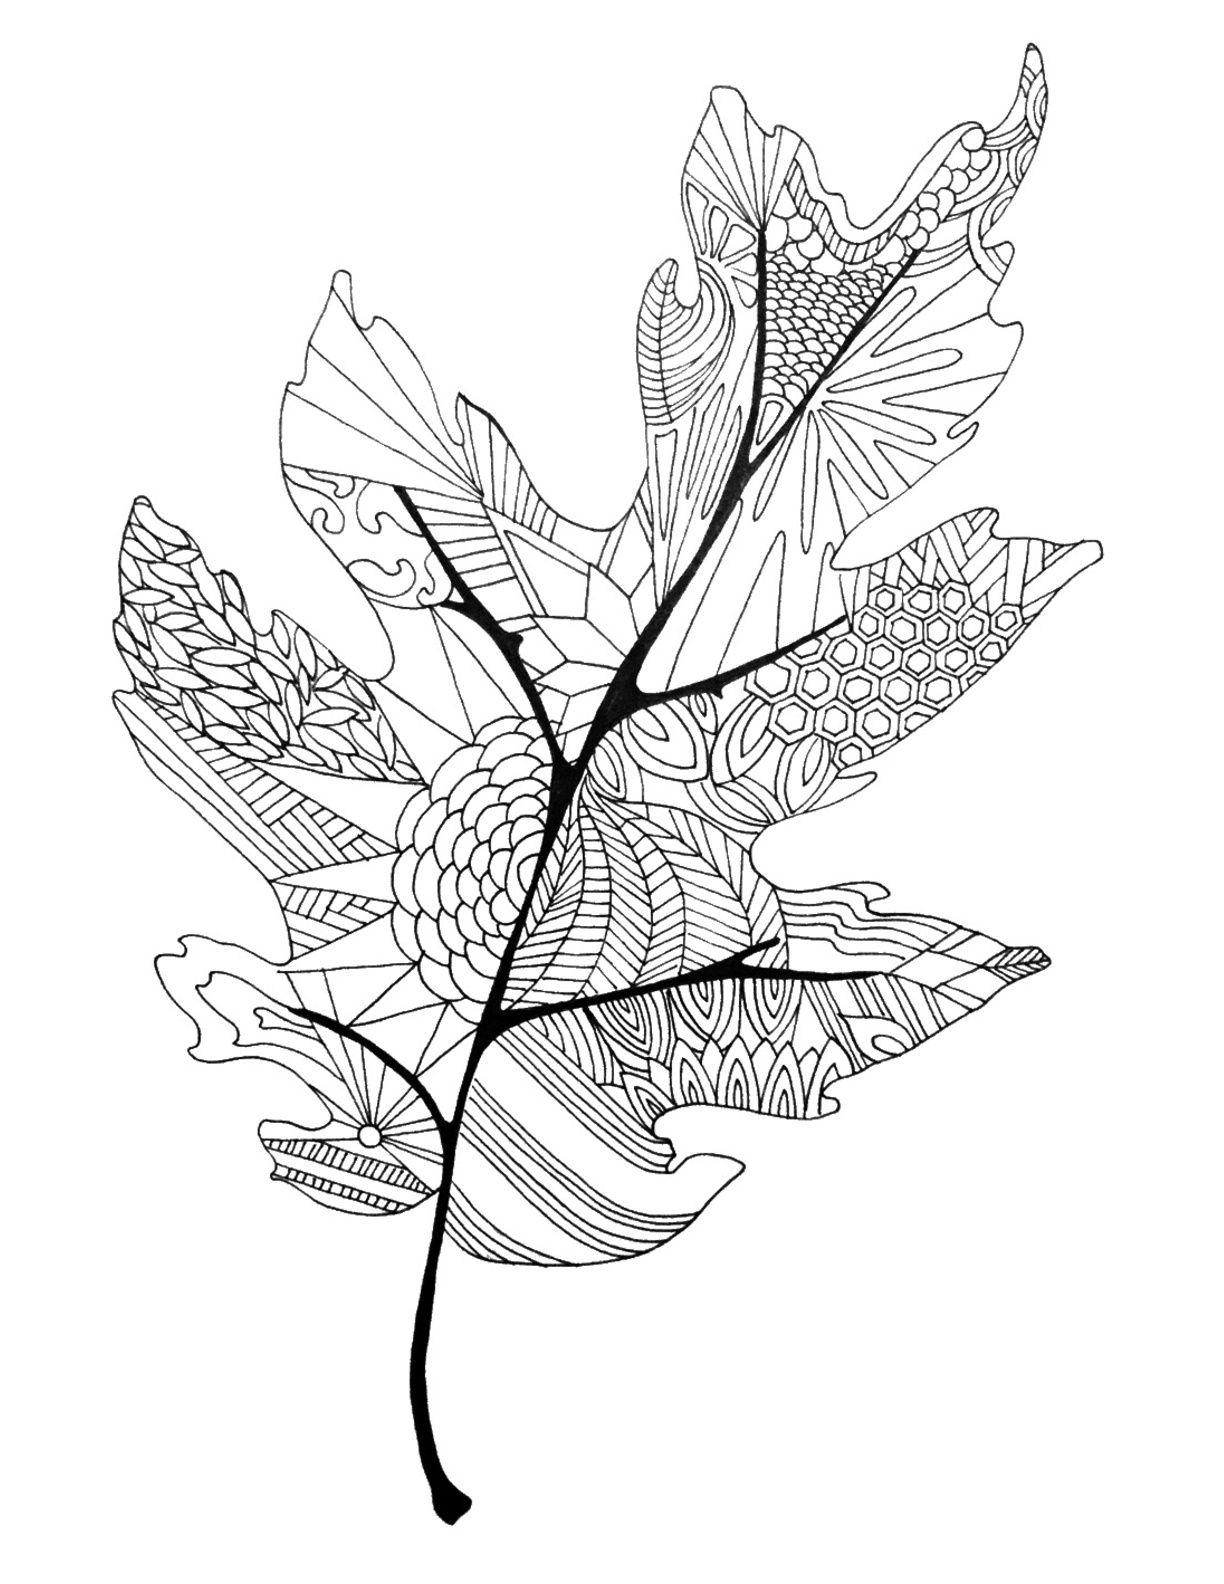 Pin By ð�ð°ñ�ñ� ð�ñ�ð¸ð½ñ�ðºð°ñ� On Coloring Anti-stress (ðð°ñ�ðºñ�ð°ñ�ðºð¸